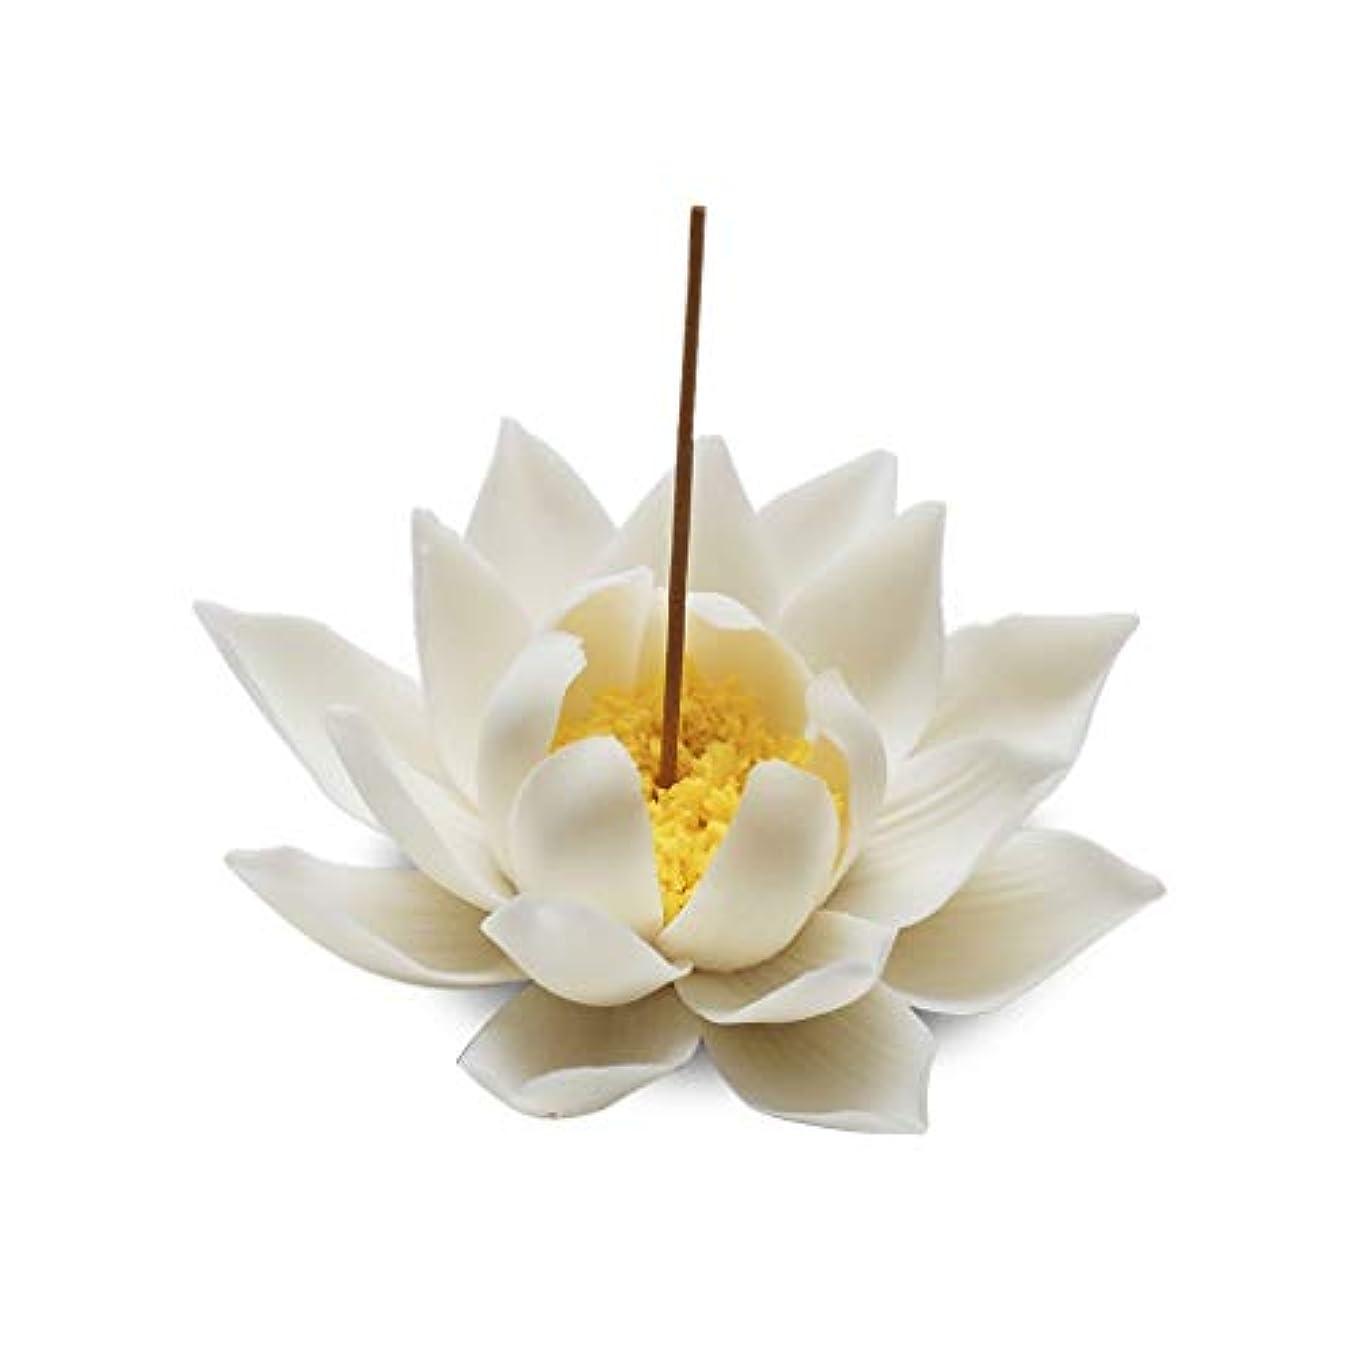 損傷急ぐ思われるセラミック蓮香バーナー家の装飾香スティックホルダー仏教アロマセラピー香炉ホームオフィス用 (Color : A)